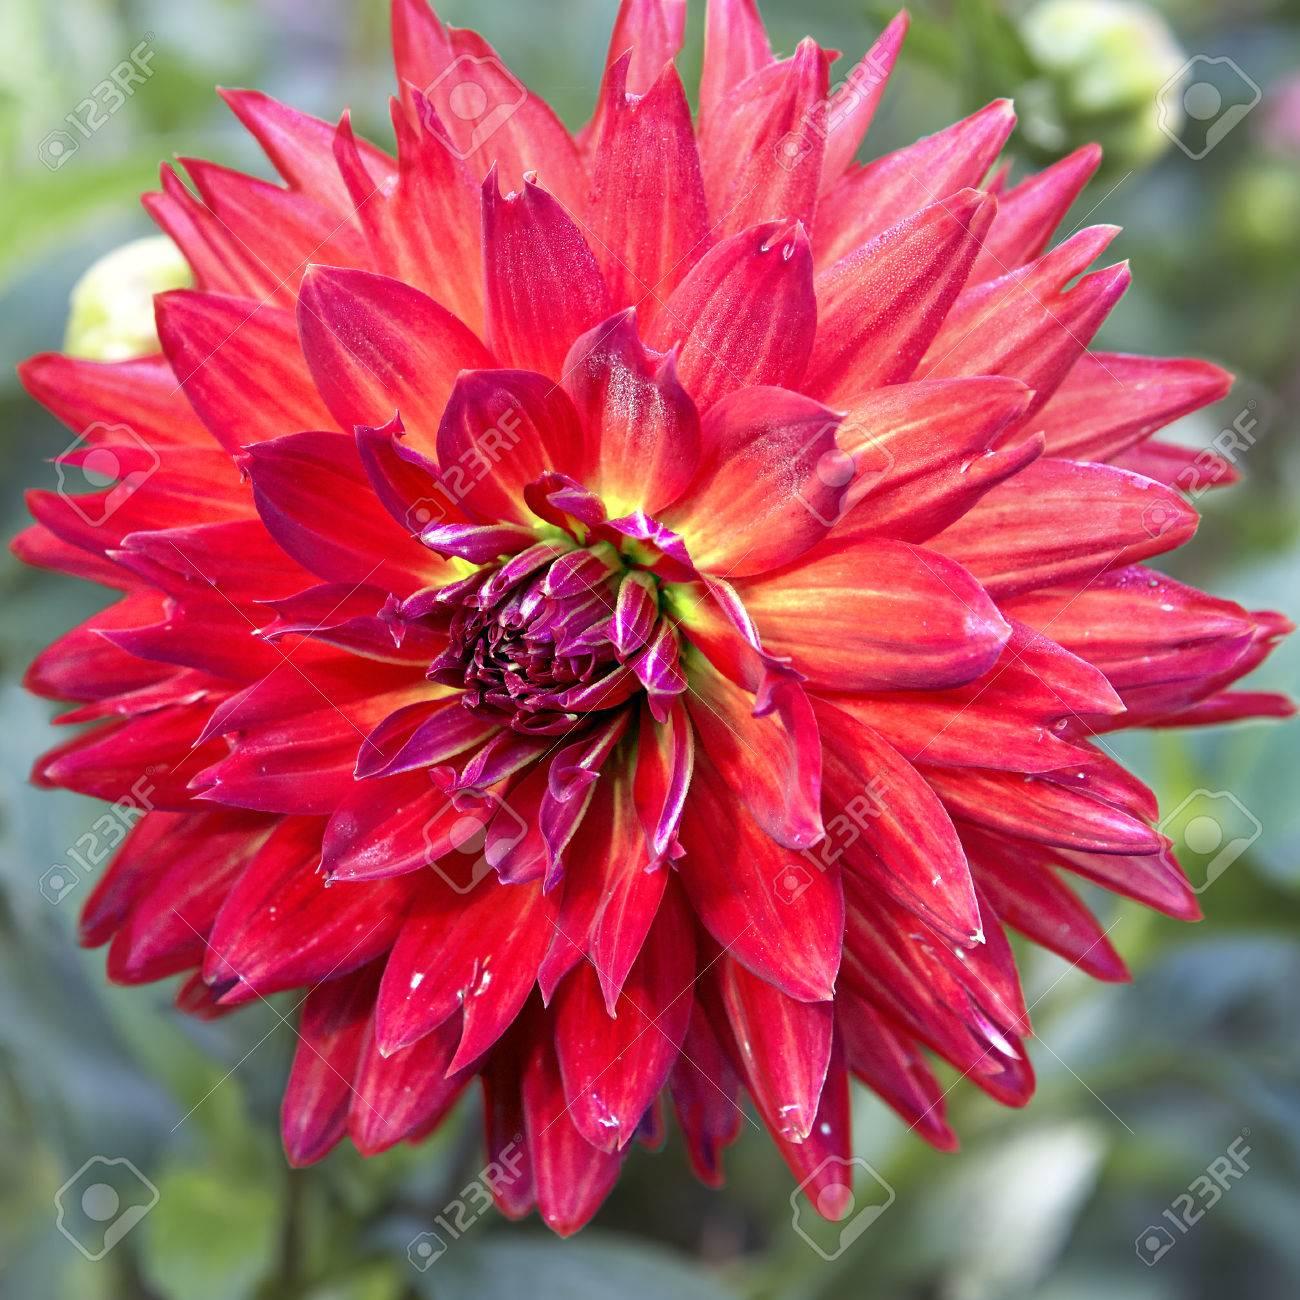 dahlia rouge fleur gros plan banque d'images et photos libres de